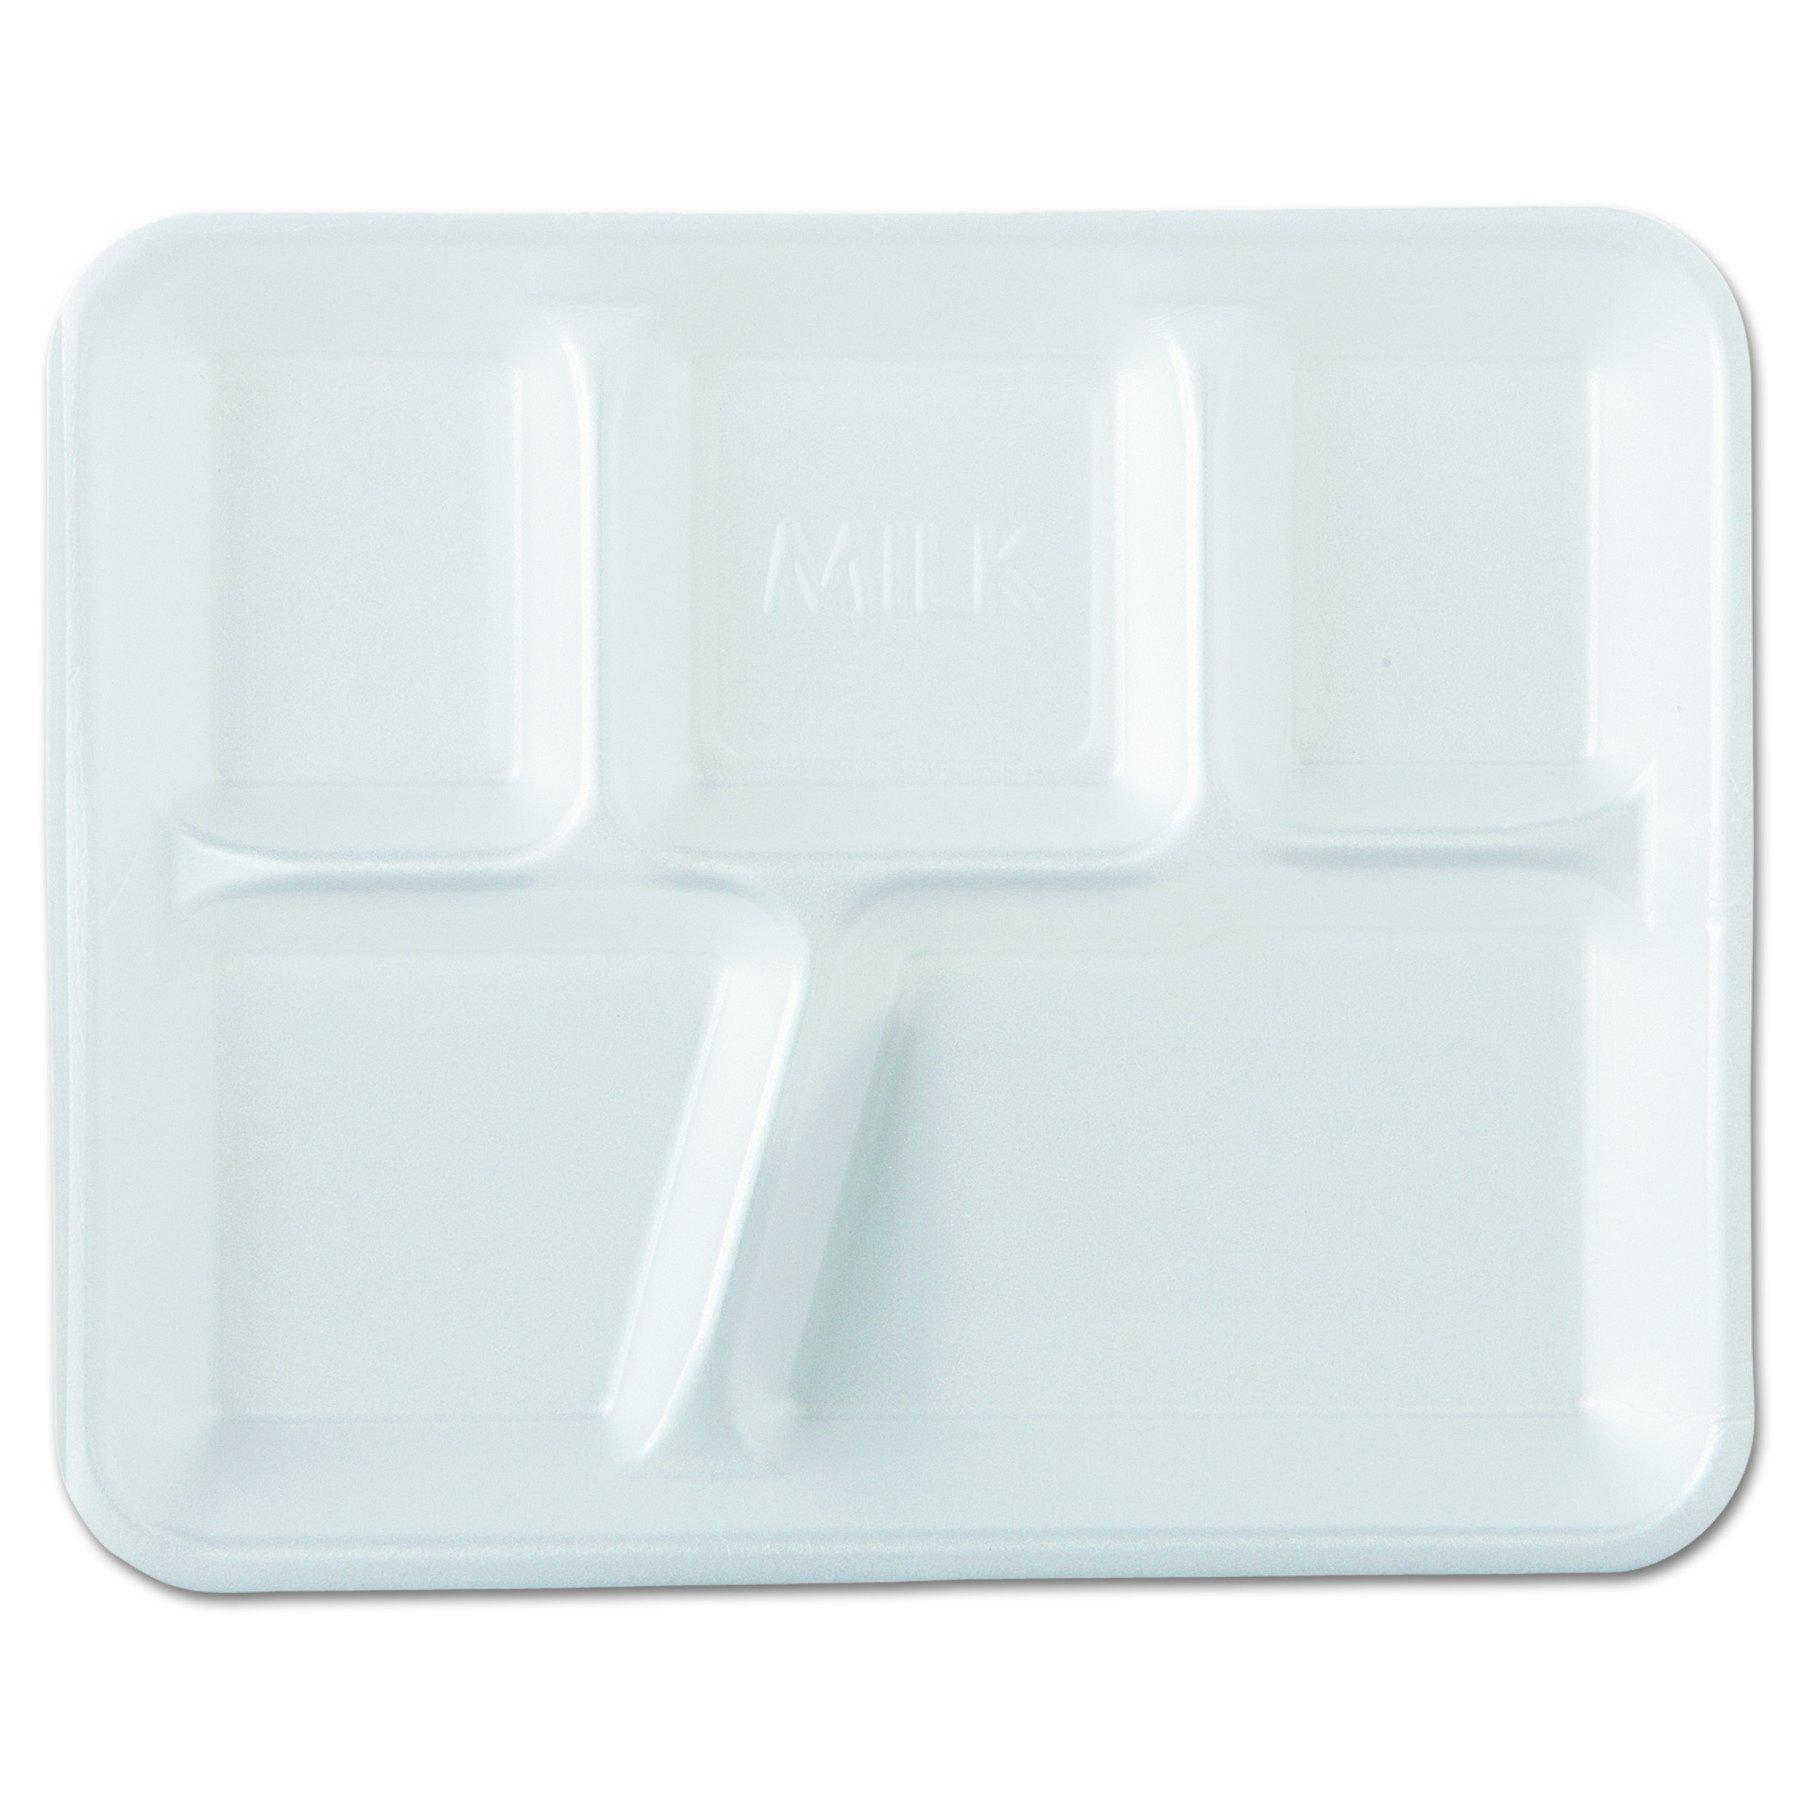 Genpak 10500 Foam School Trays, 5-Comp, 10 2/5 x 8 2/5 x 1 1/4, White (Case of 500)